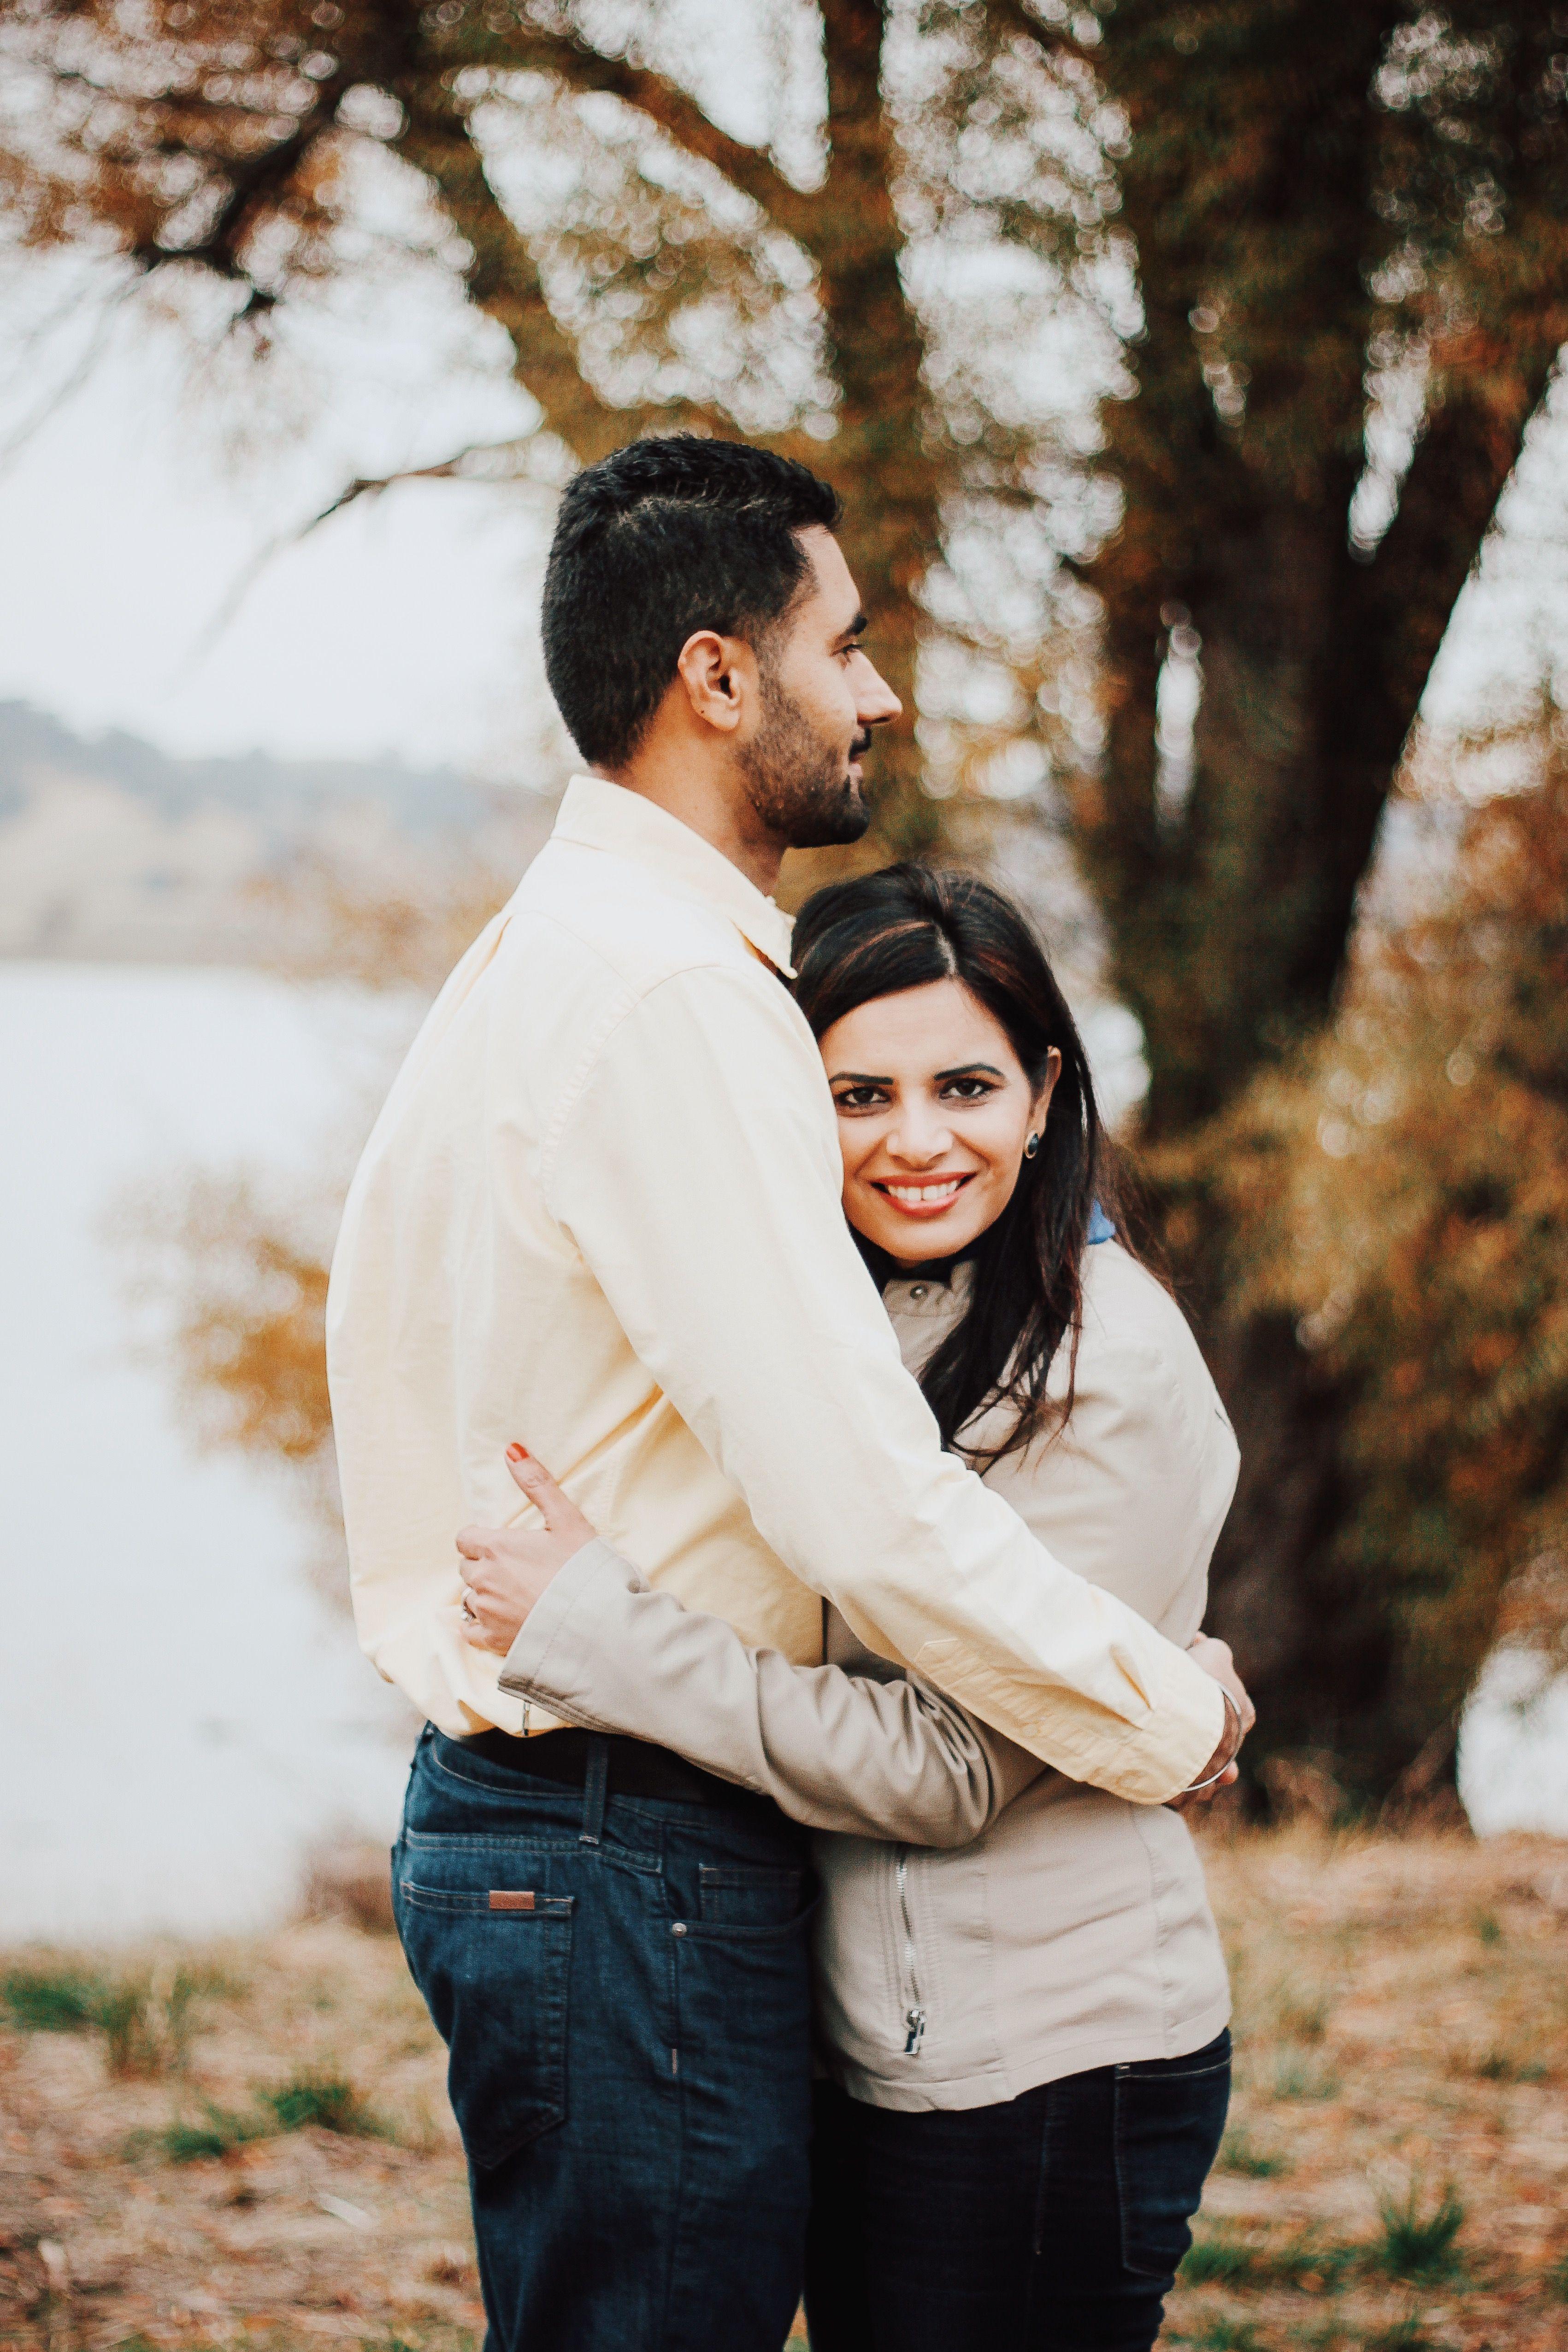 Dating antika oljelampor. Christian råd för dating par.